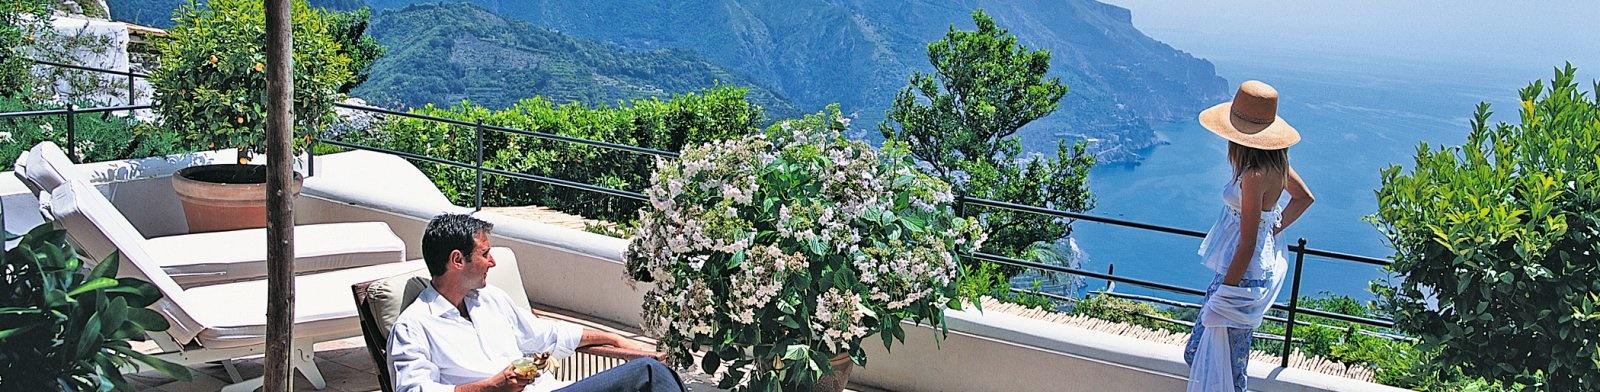 Luxury Sorrento and Amalfi